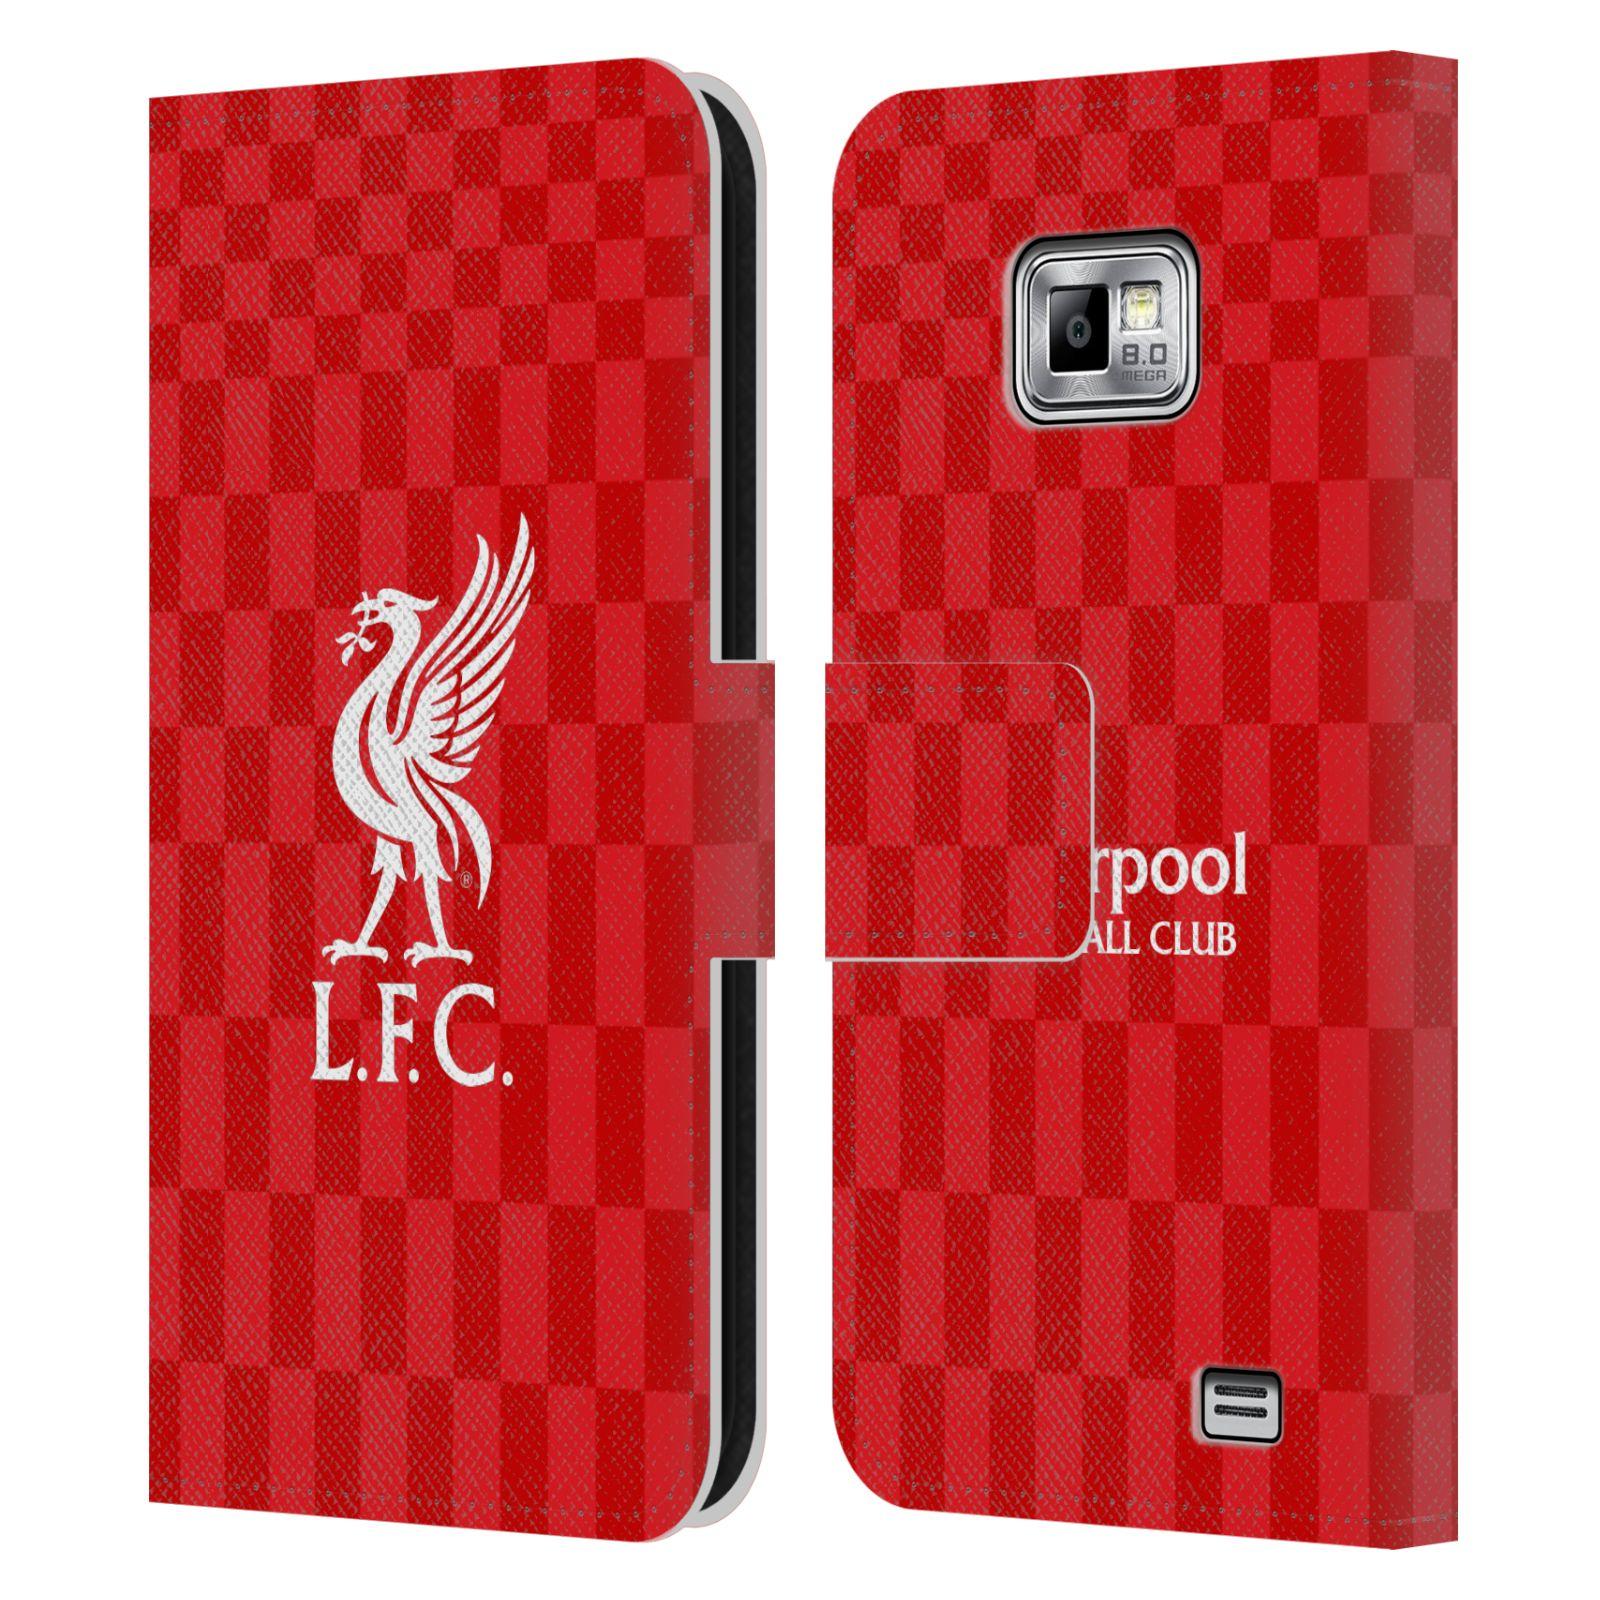 HEAD CASE Flipové pouzdro pro mobil Samsung Galaxy S2 i9100 LIVERPOOL FC OFICIÁLNÍ ZNAK kostky dres bílá na červené